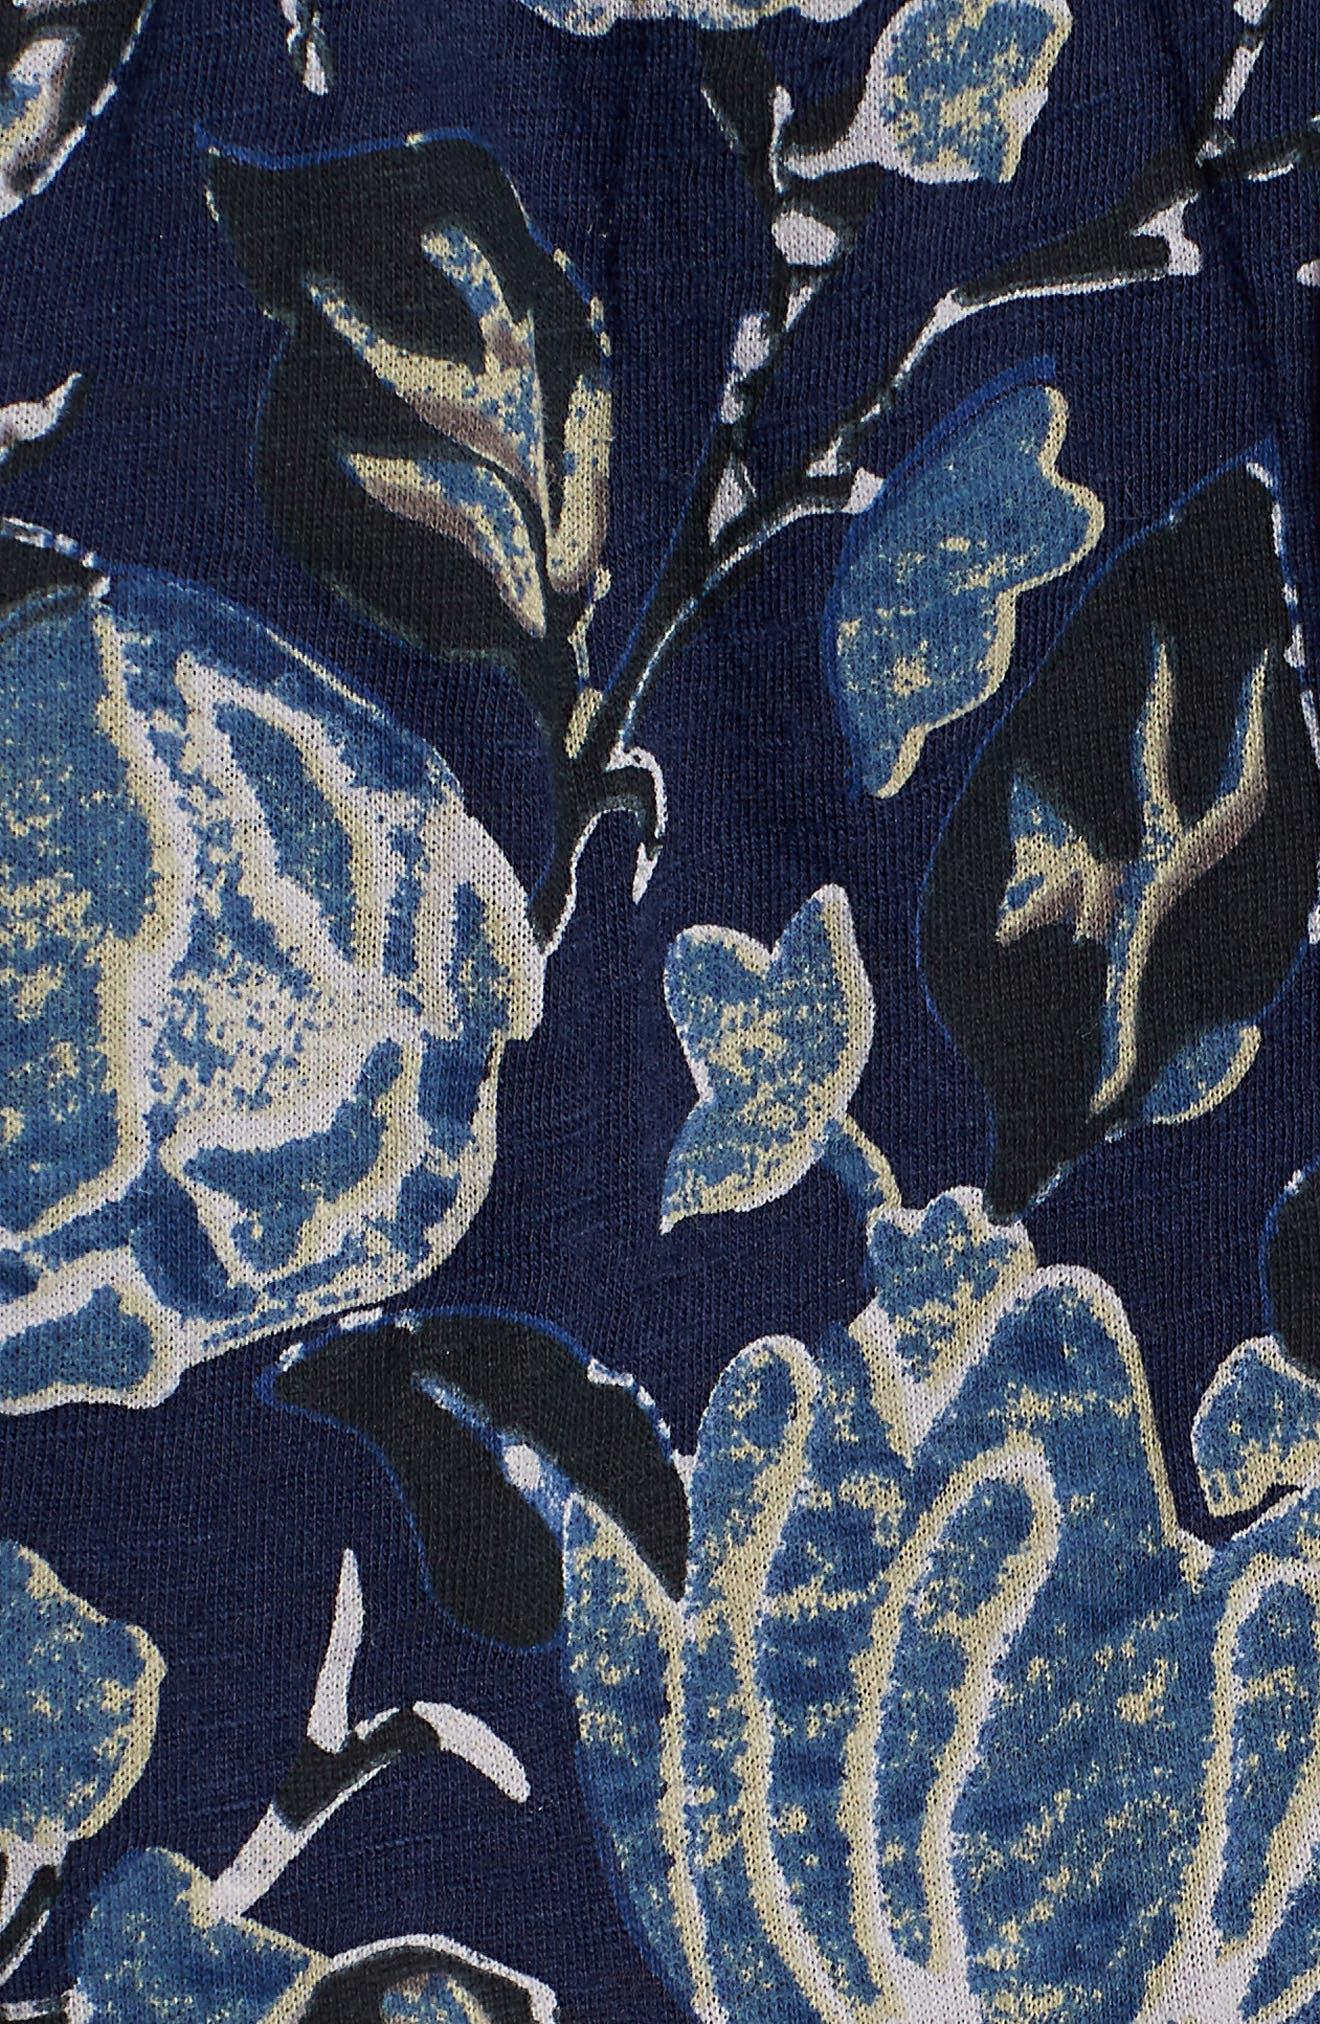 Back Cutout Cotton Blend Top,                             Alternate thumbnail 6, color,                             400